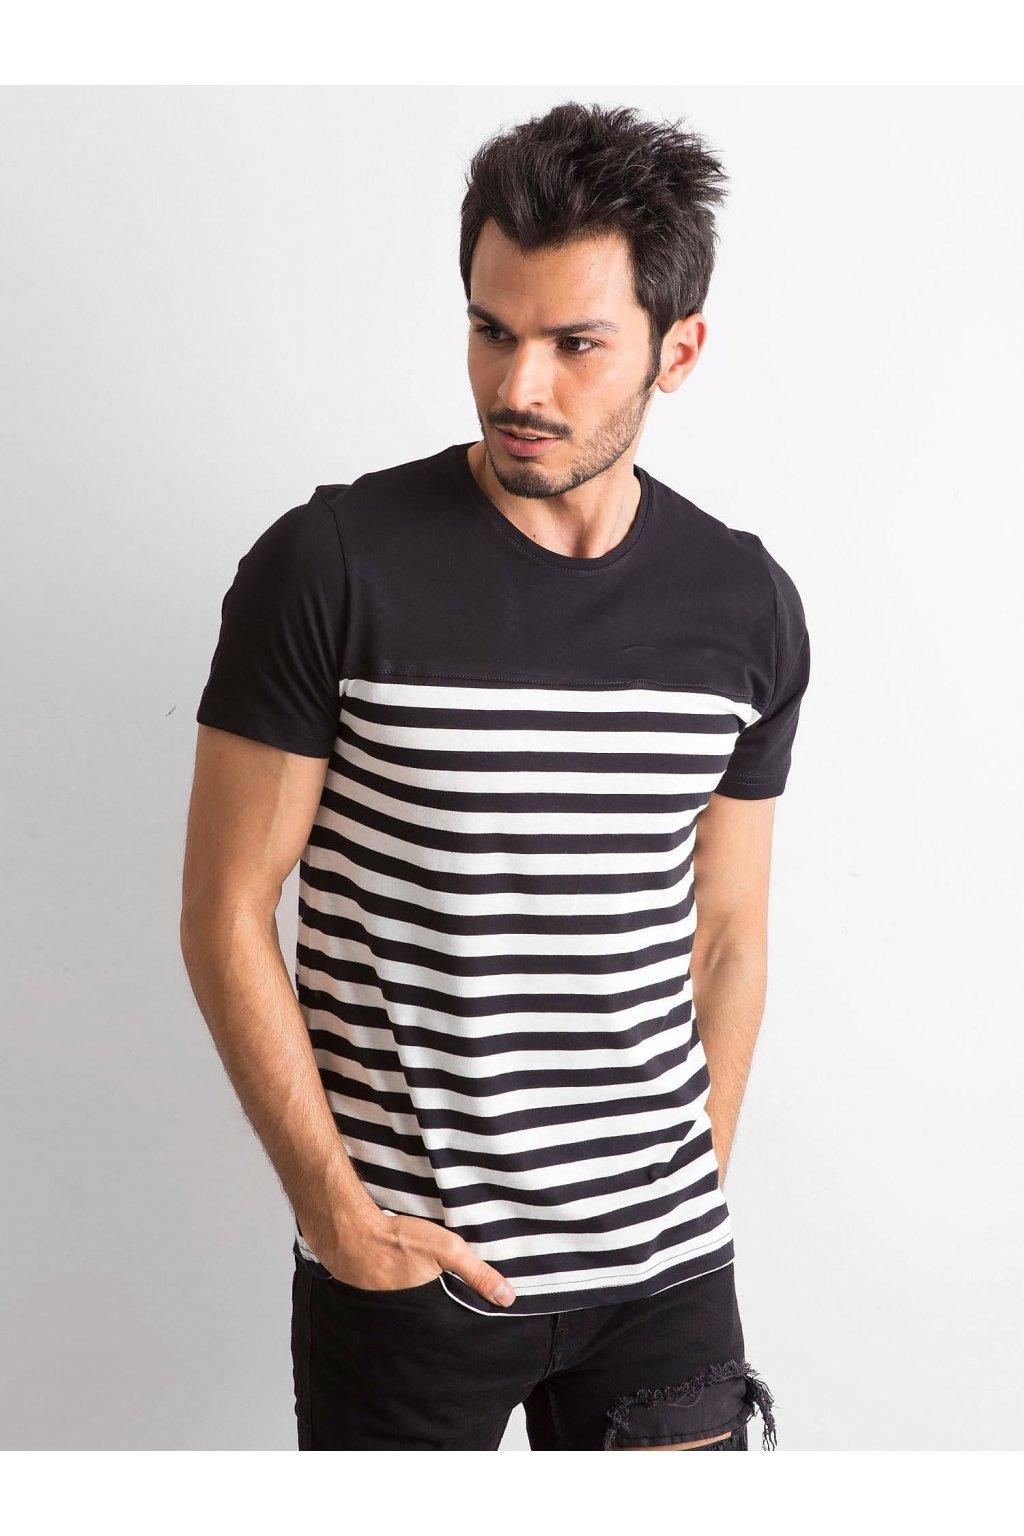 Tričko t-shirt kód M019Y03047001